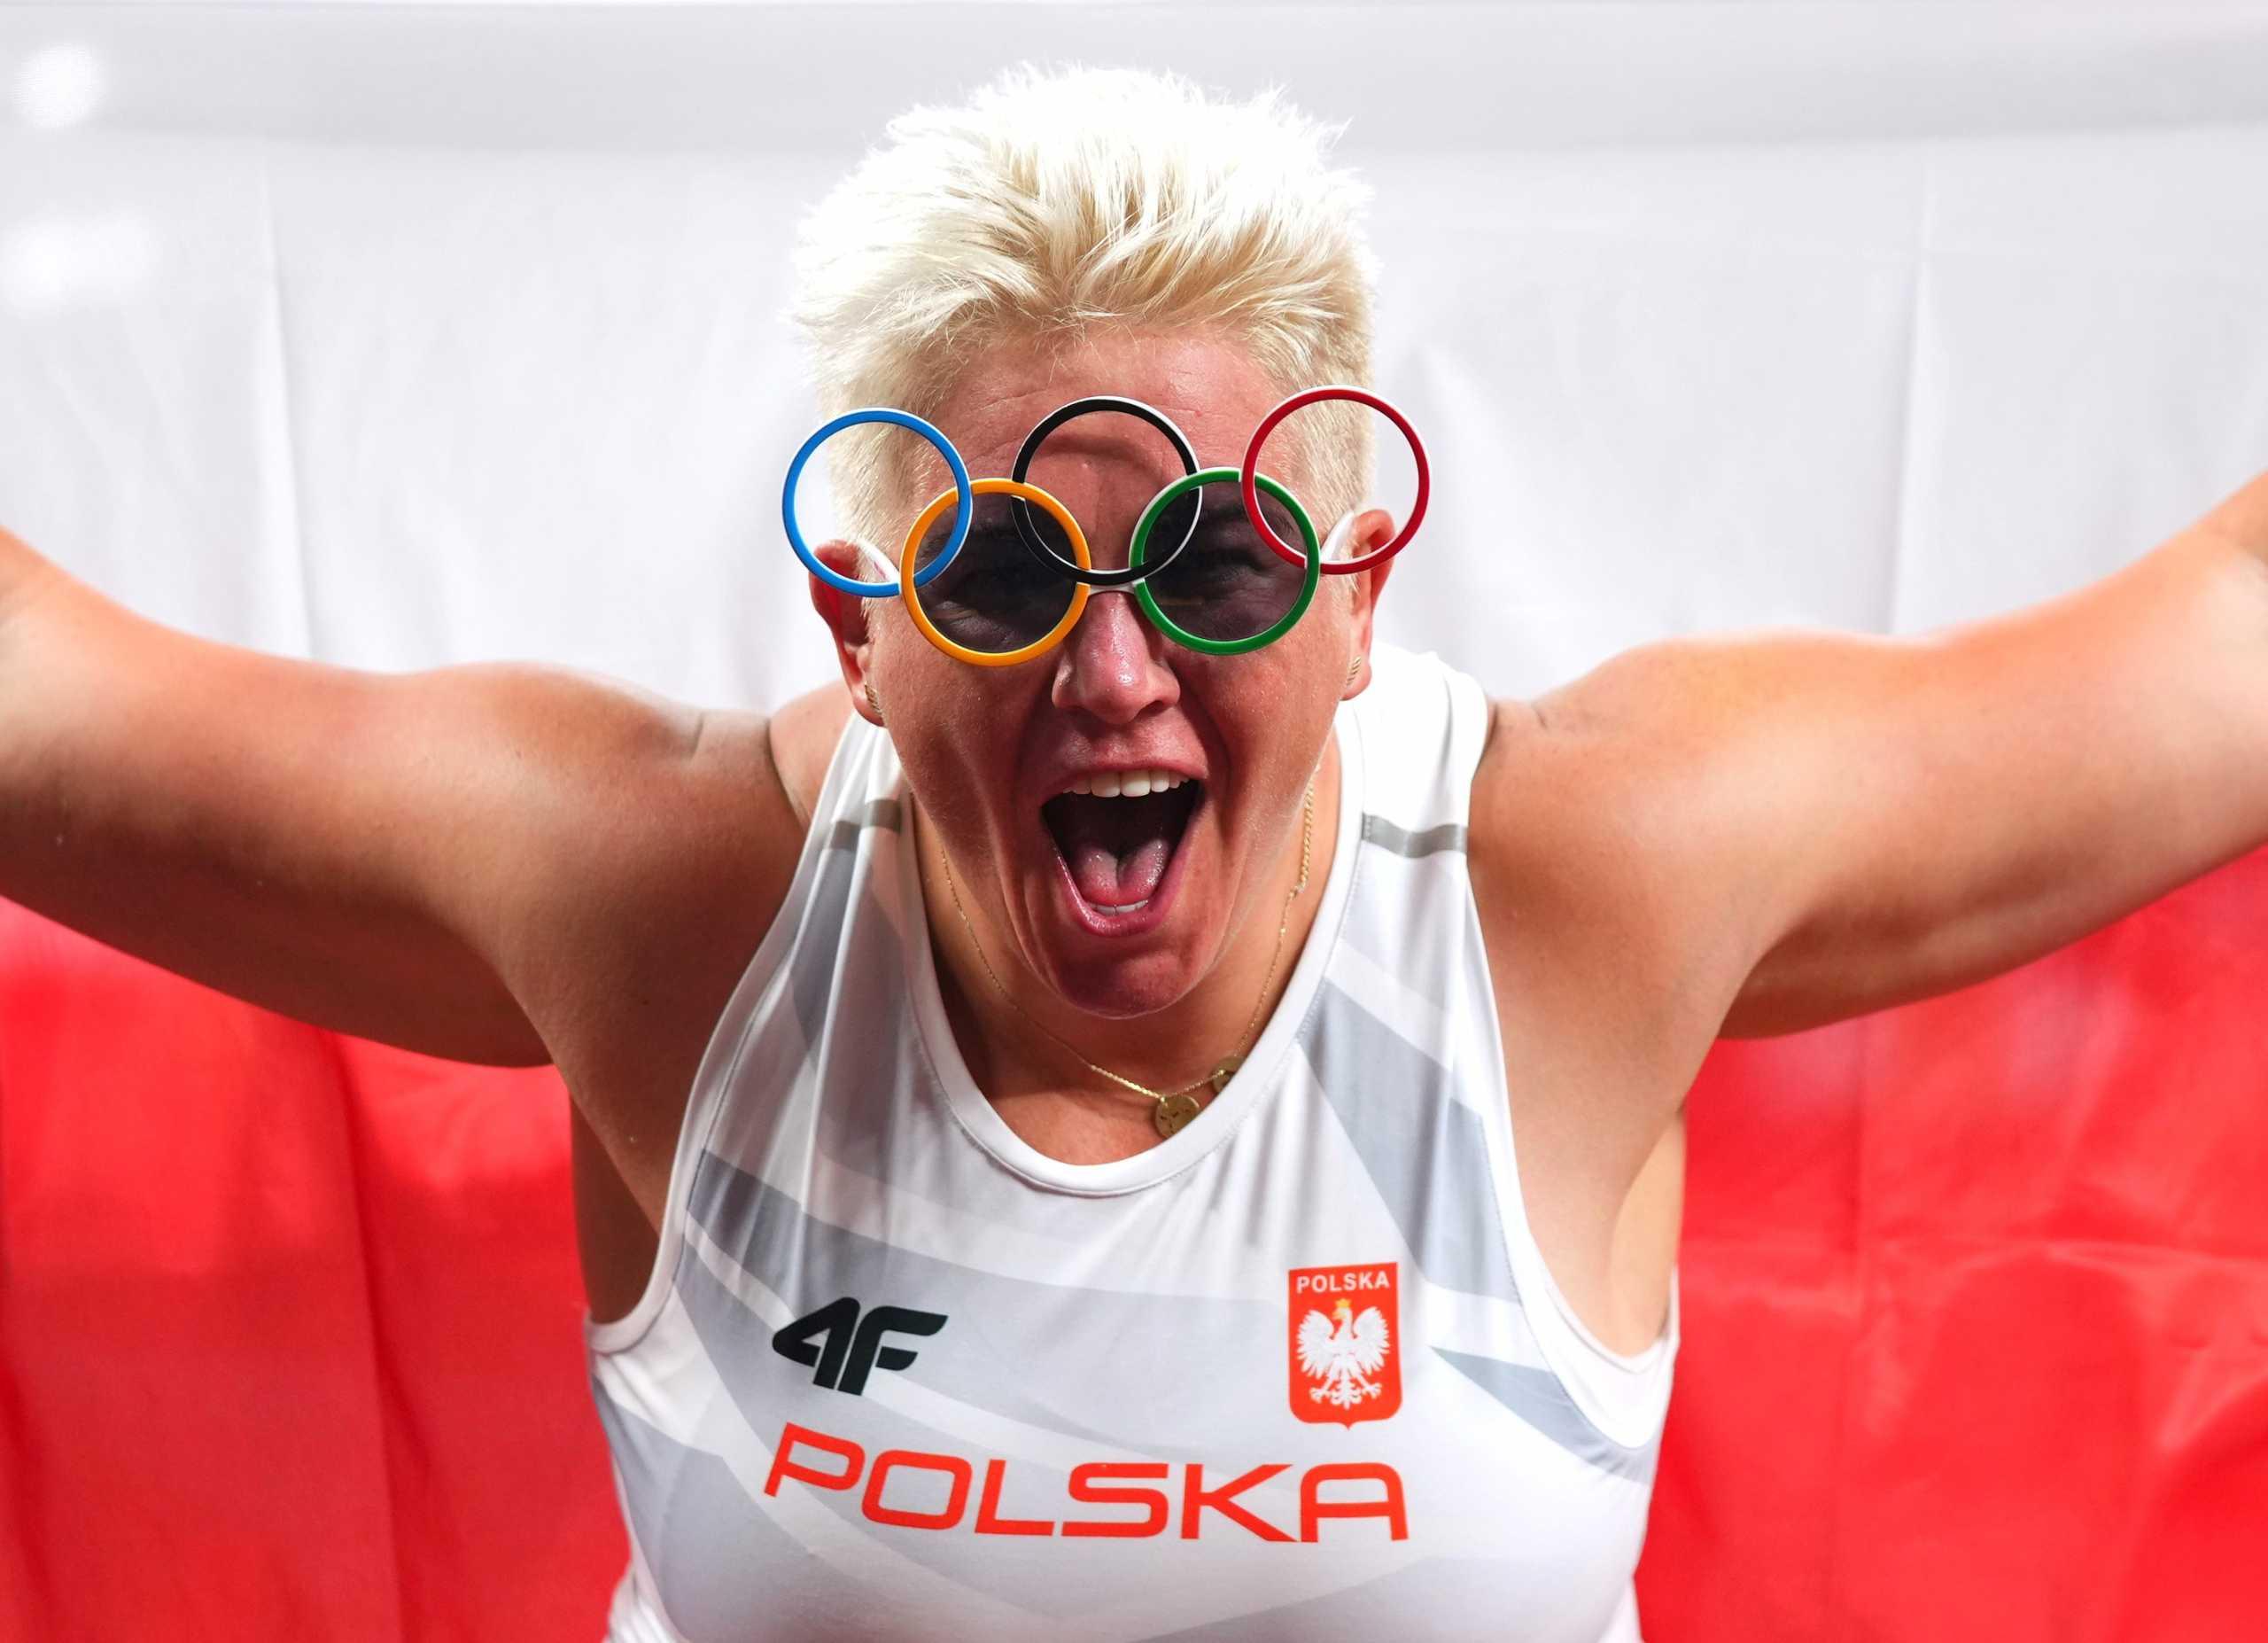 Ολυμπιακοί Αγώνες: «Μυθική» επίδοση από την Βλόνταρτσικ που κατέκτησε το χρυσό μετάλλιο στη σφυροβολία